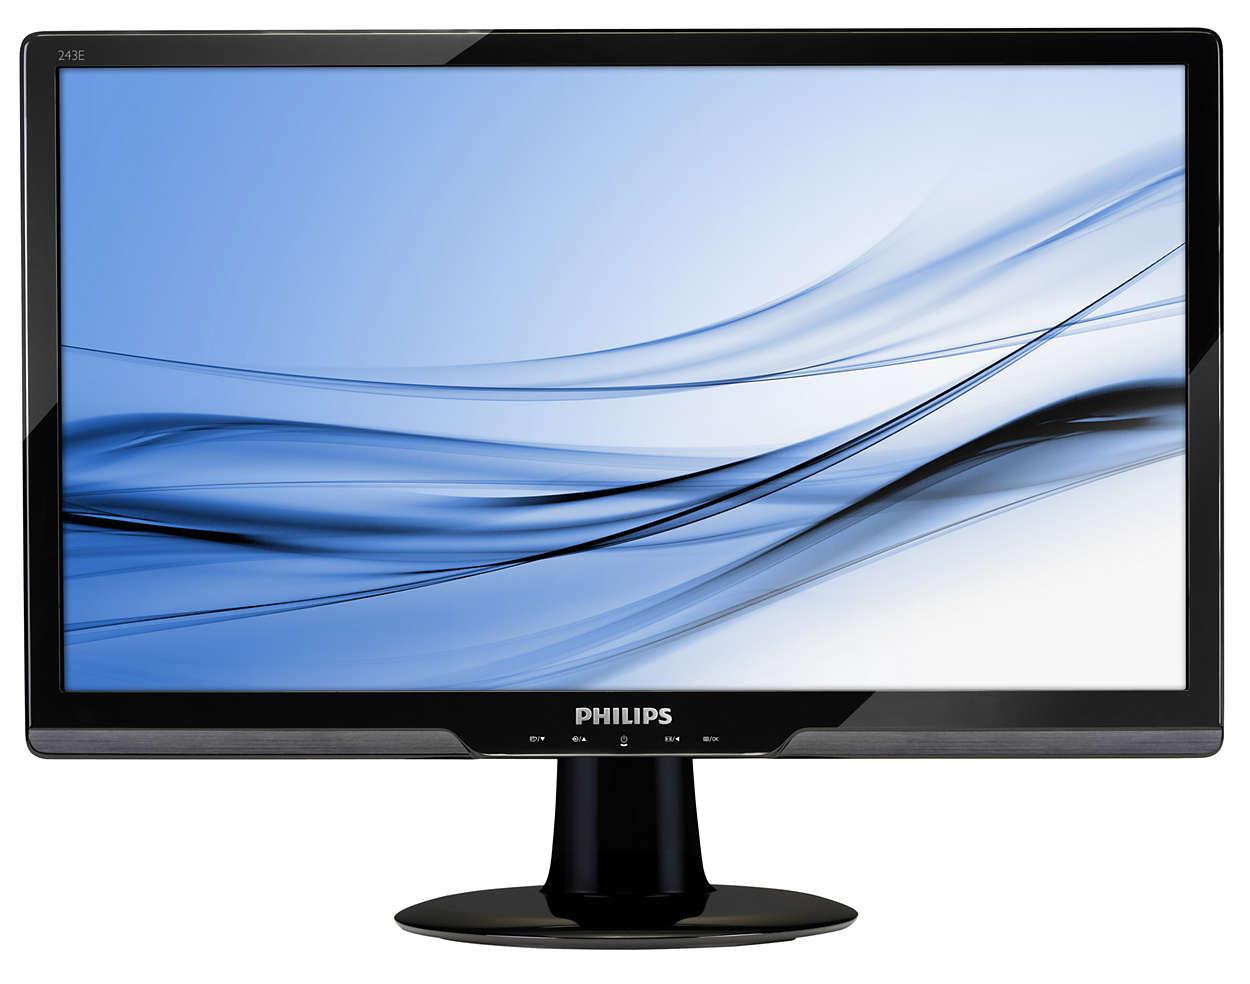 Großartiges Spielerlebnis auf Ihrem großen Monitor!